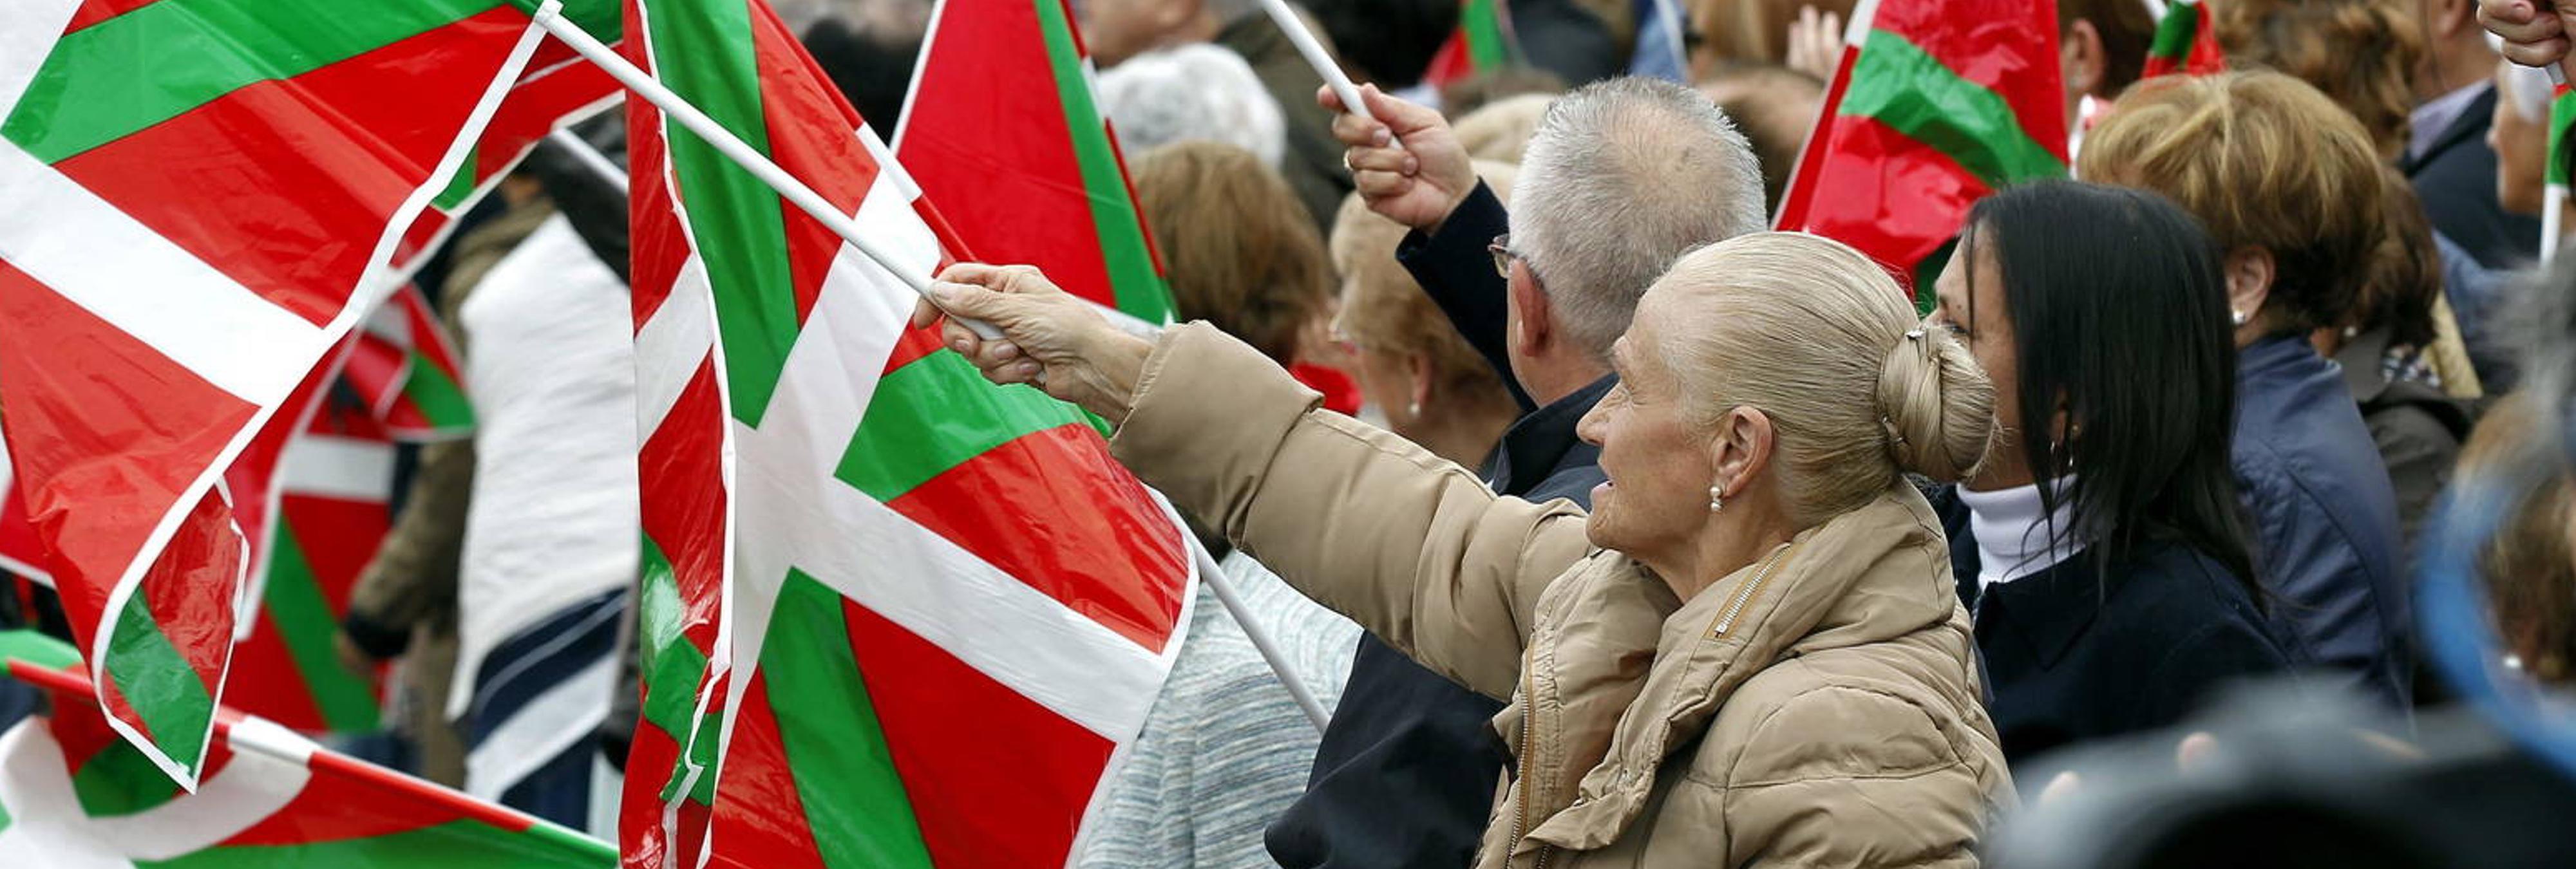 El gobierno Vasco reclama un referéndum para reconocer a Cataluña y Euskadi como naciones